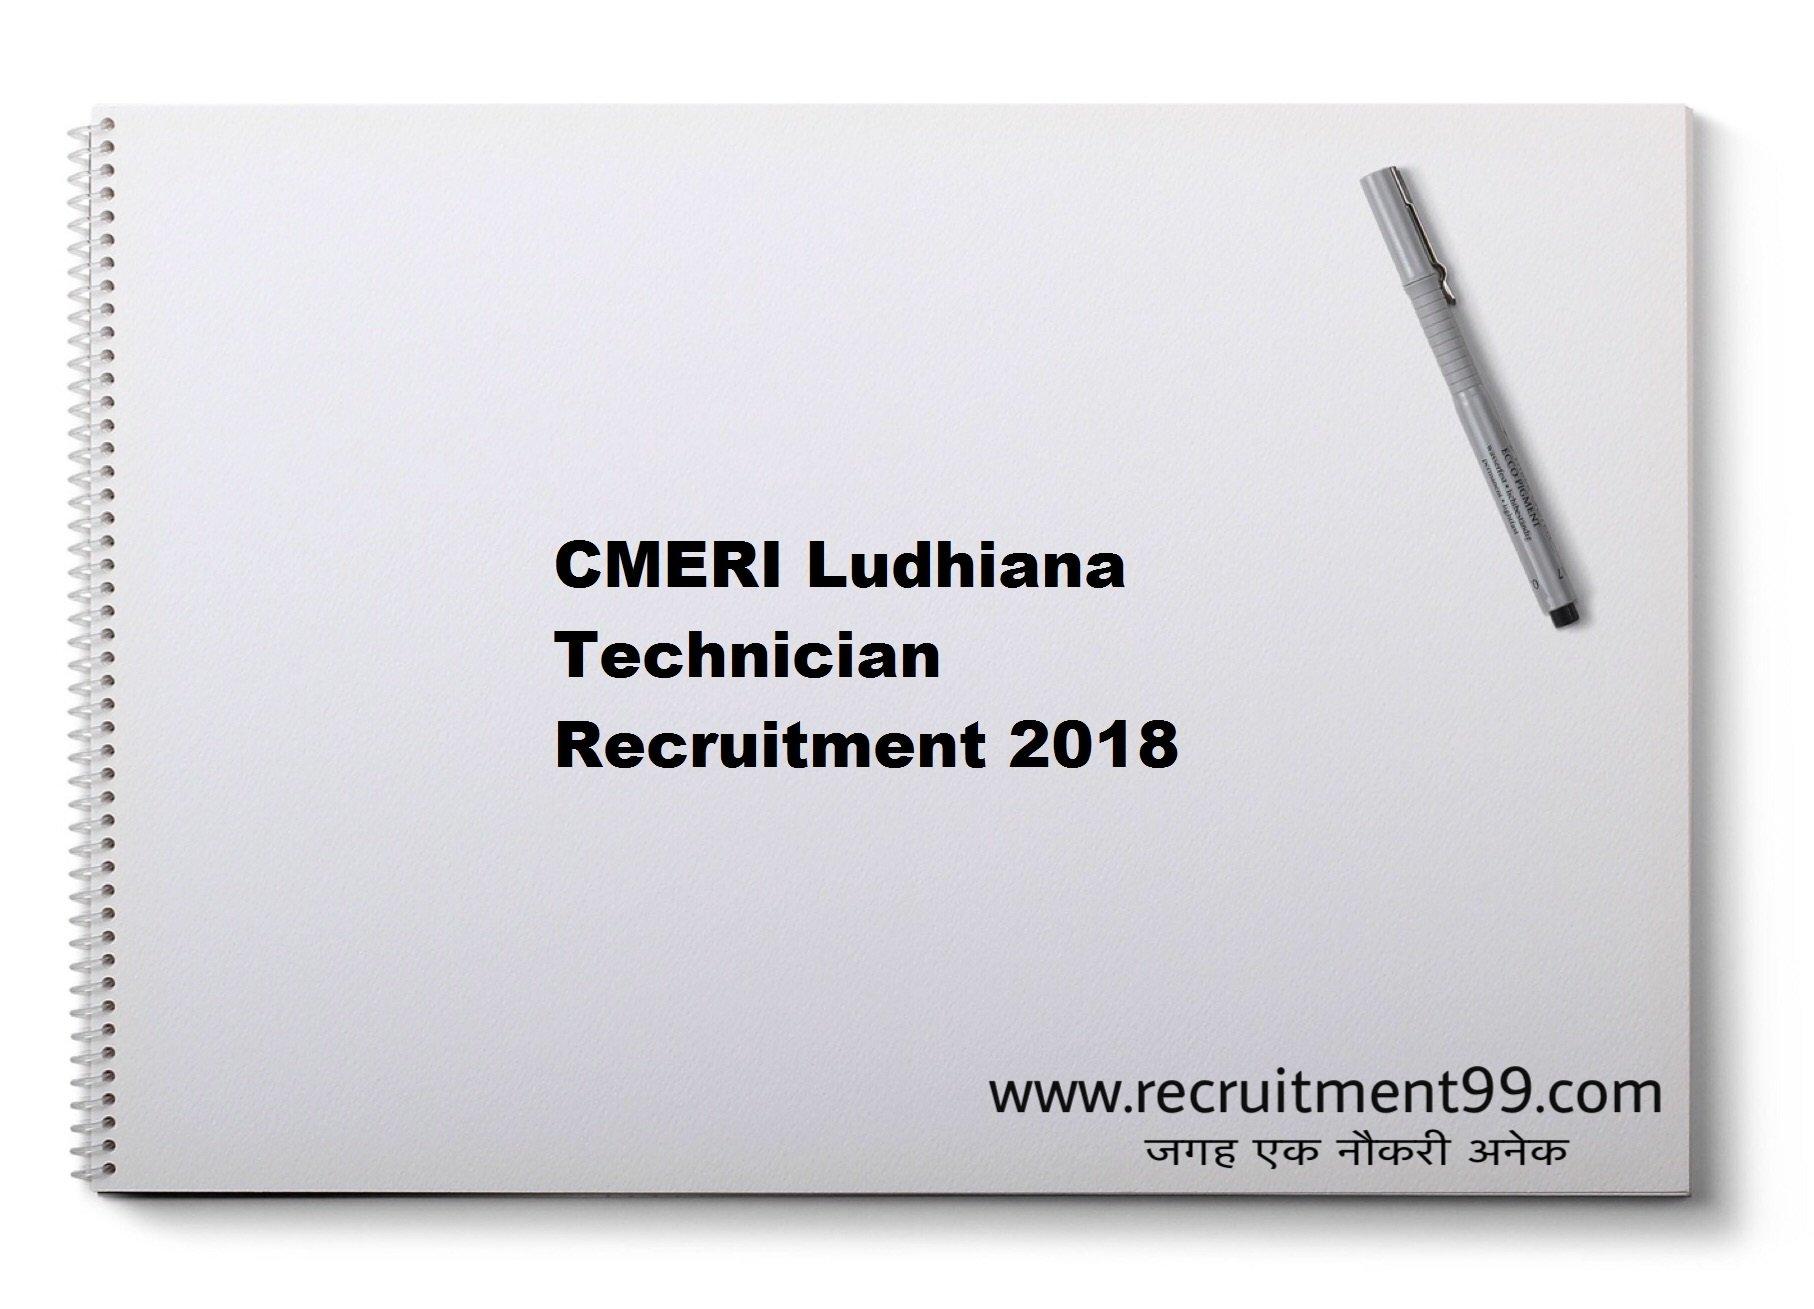 CMERI Ludhiana Technician Recruitment Admit Card Result 2018